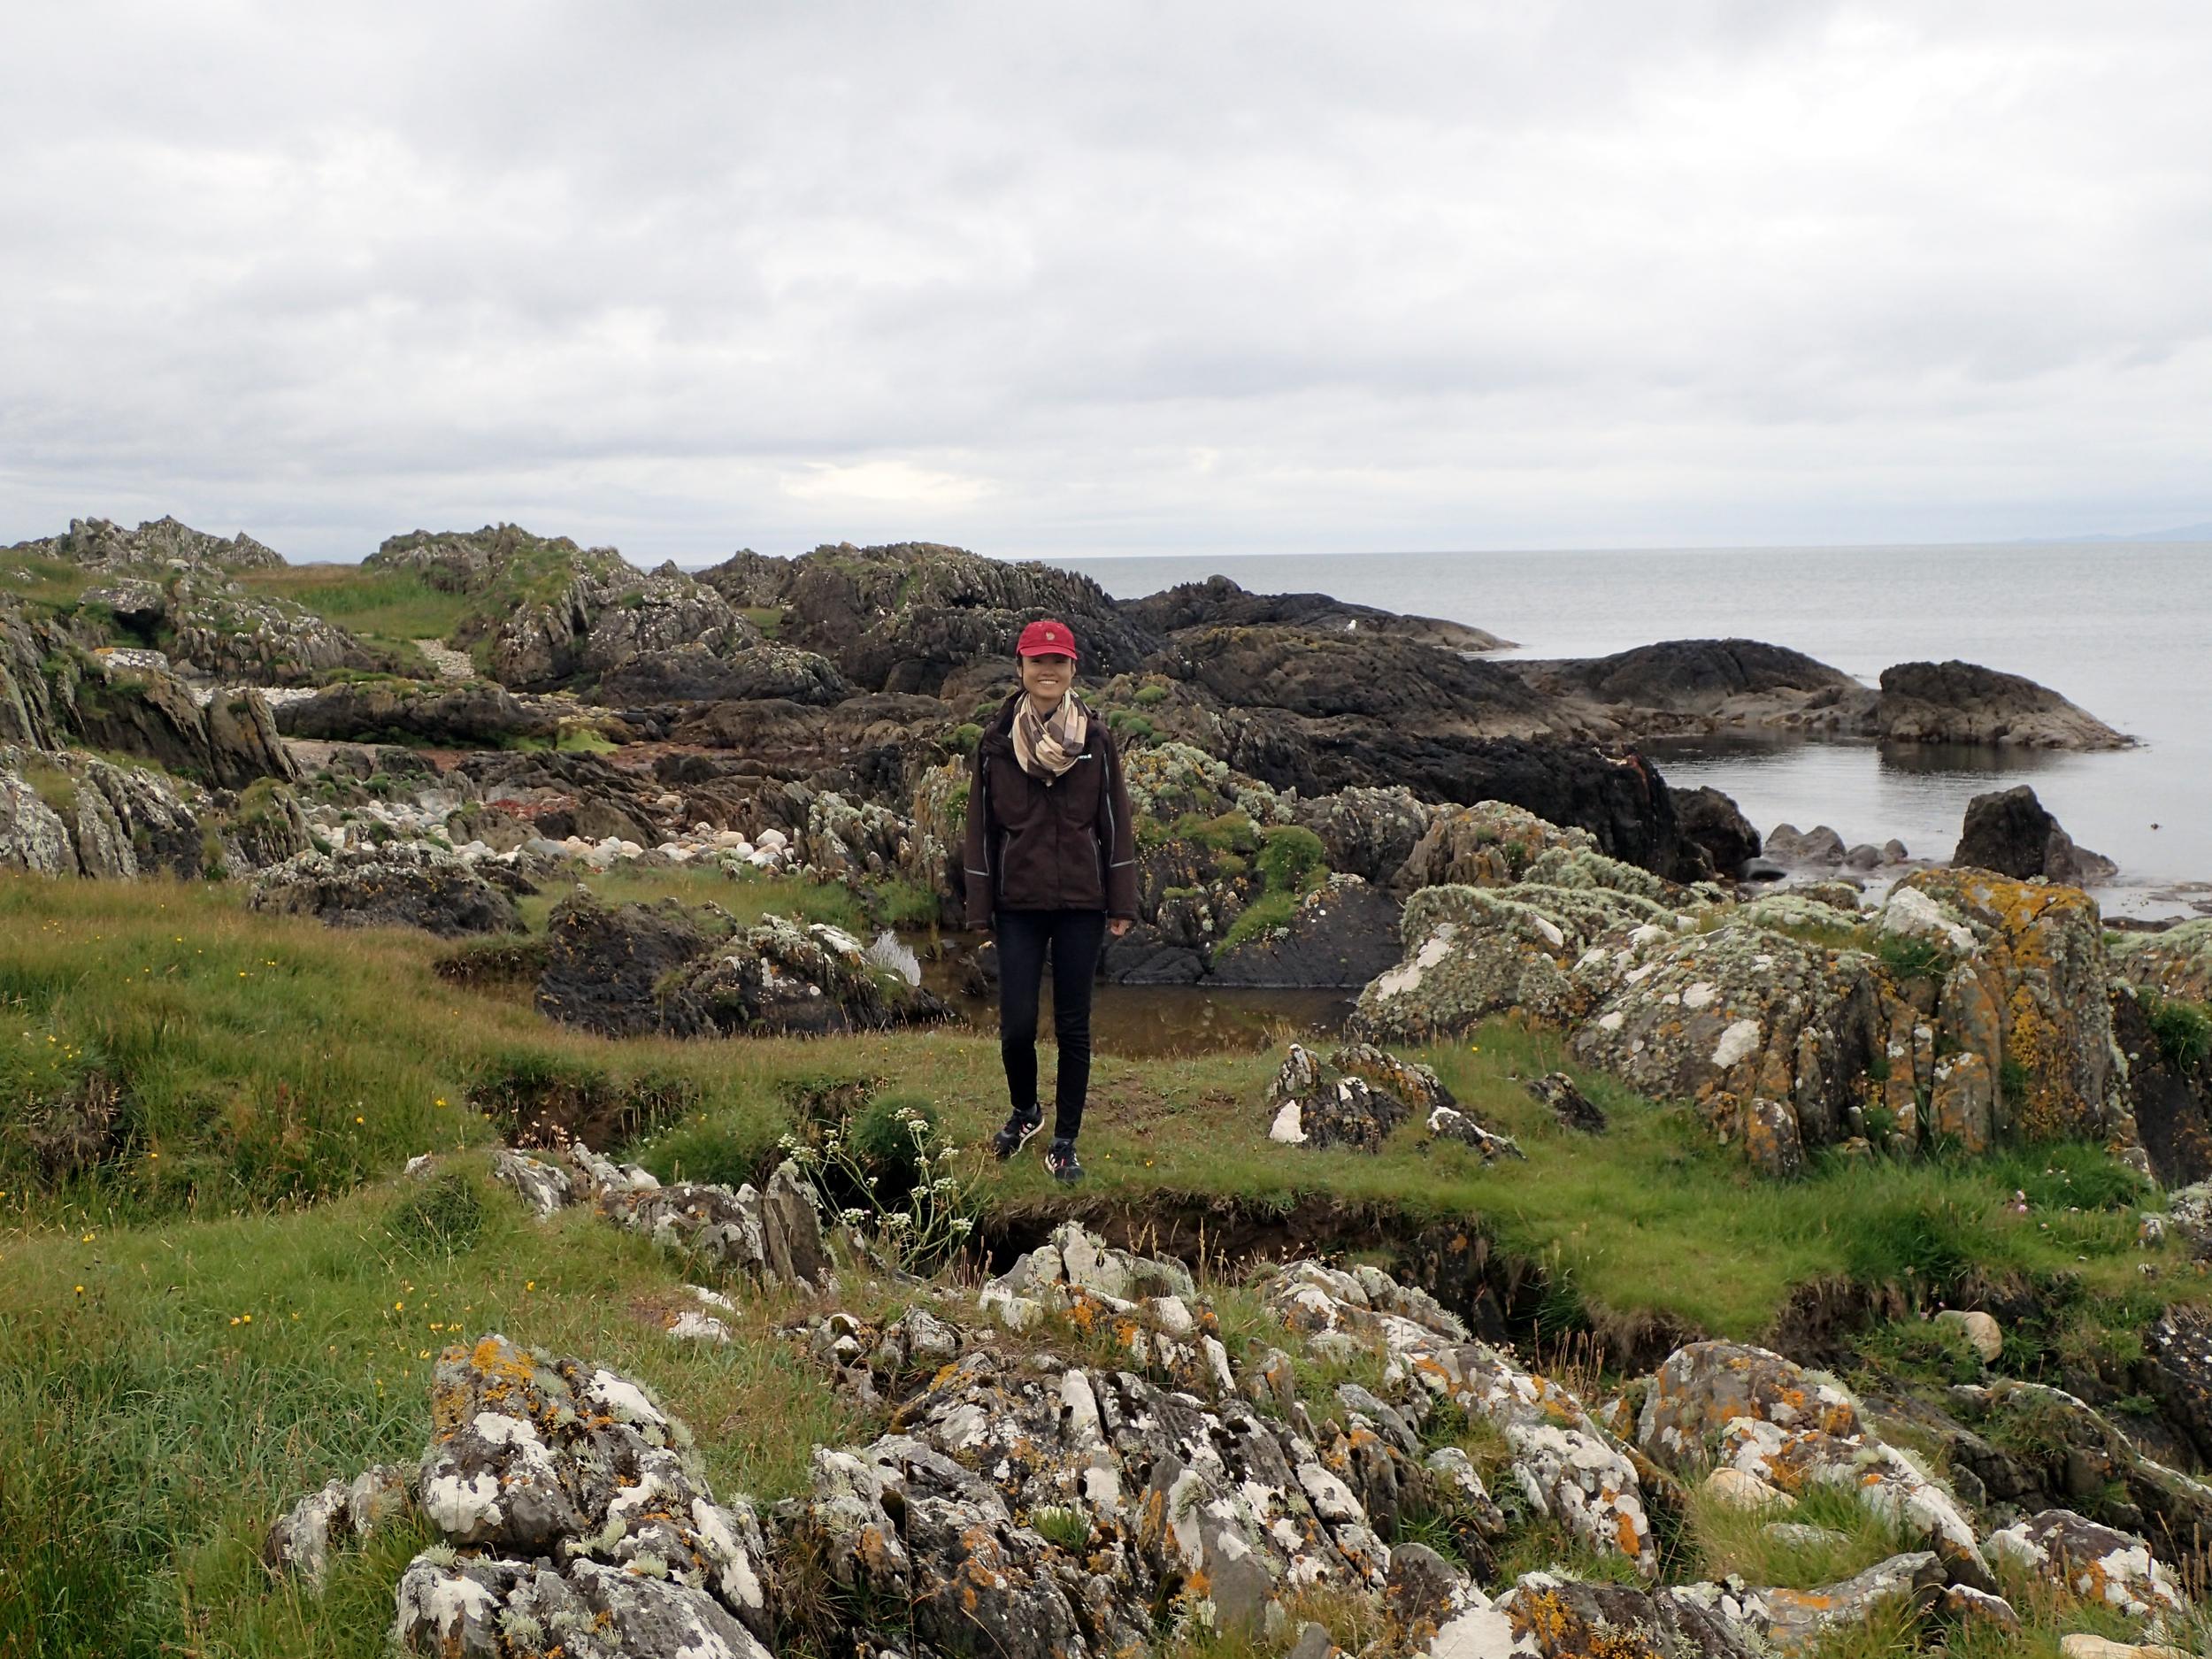 20150802 Feibai coast shore walk.jpg